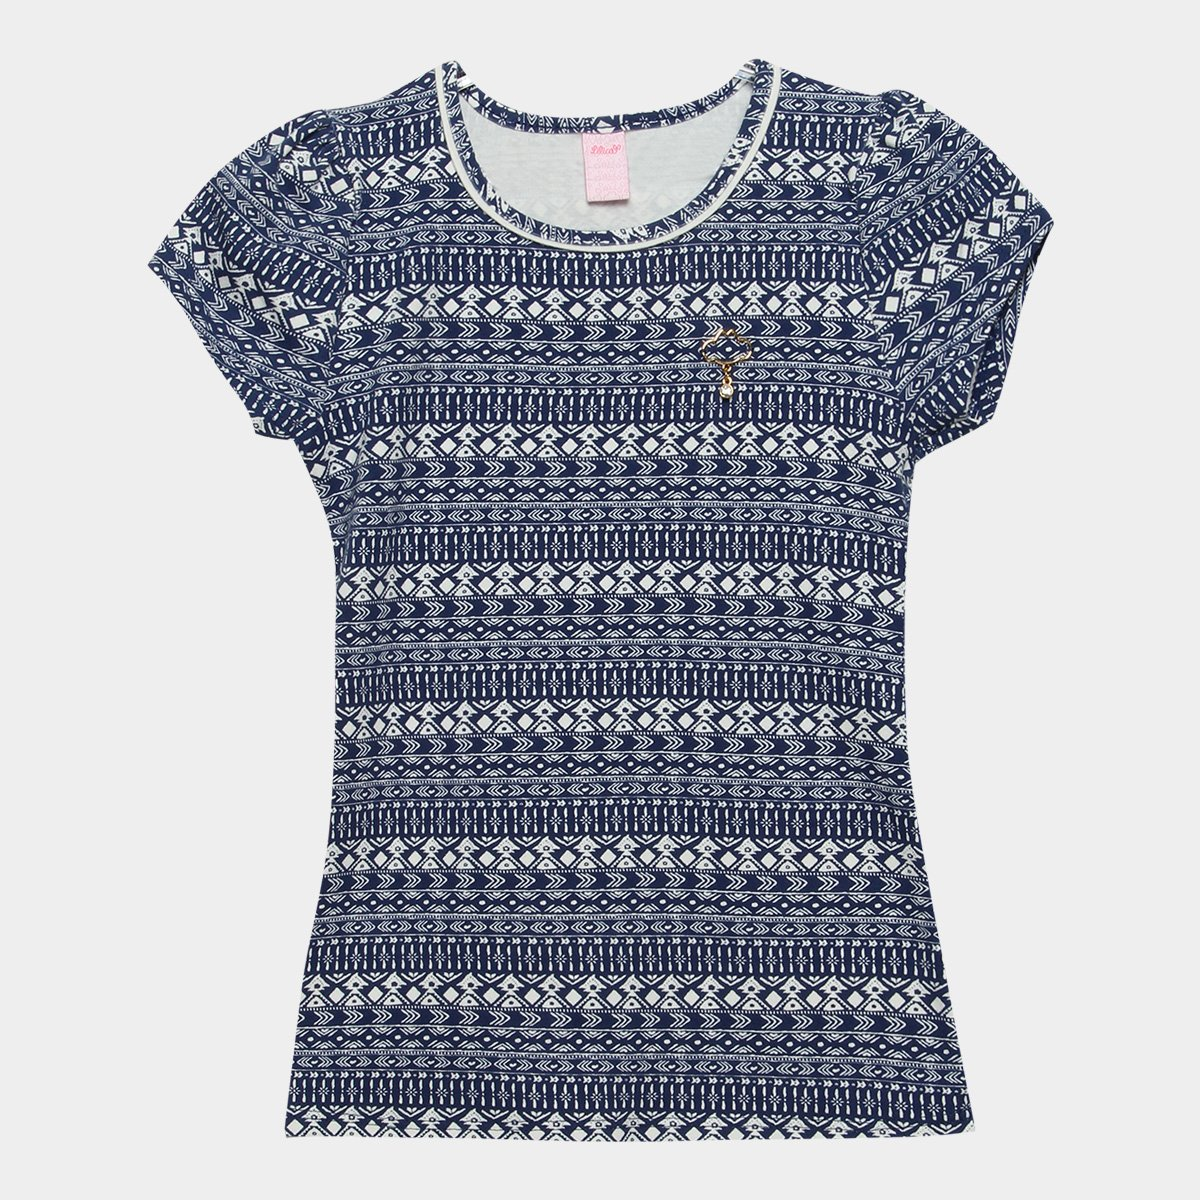 Feminina e Blusa Estampada Infantil Infantil Blusa Azul Branco Ripilica Lilica r8rYvq